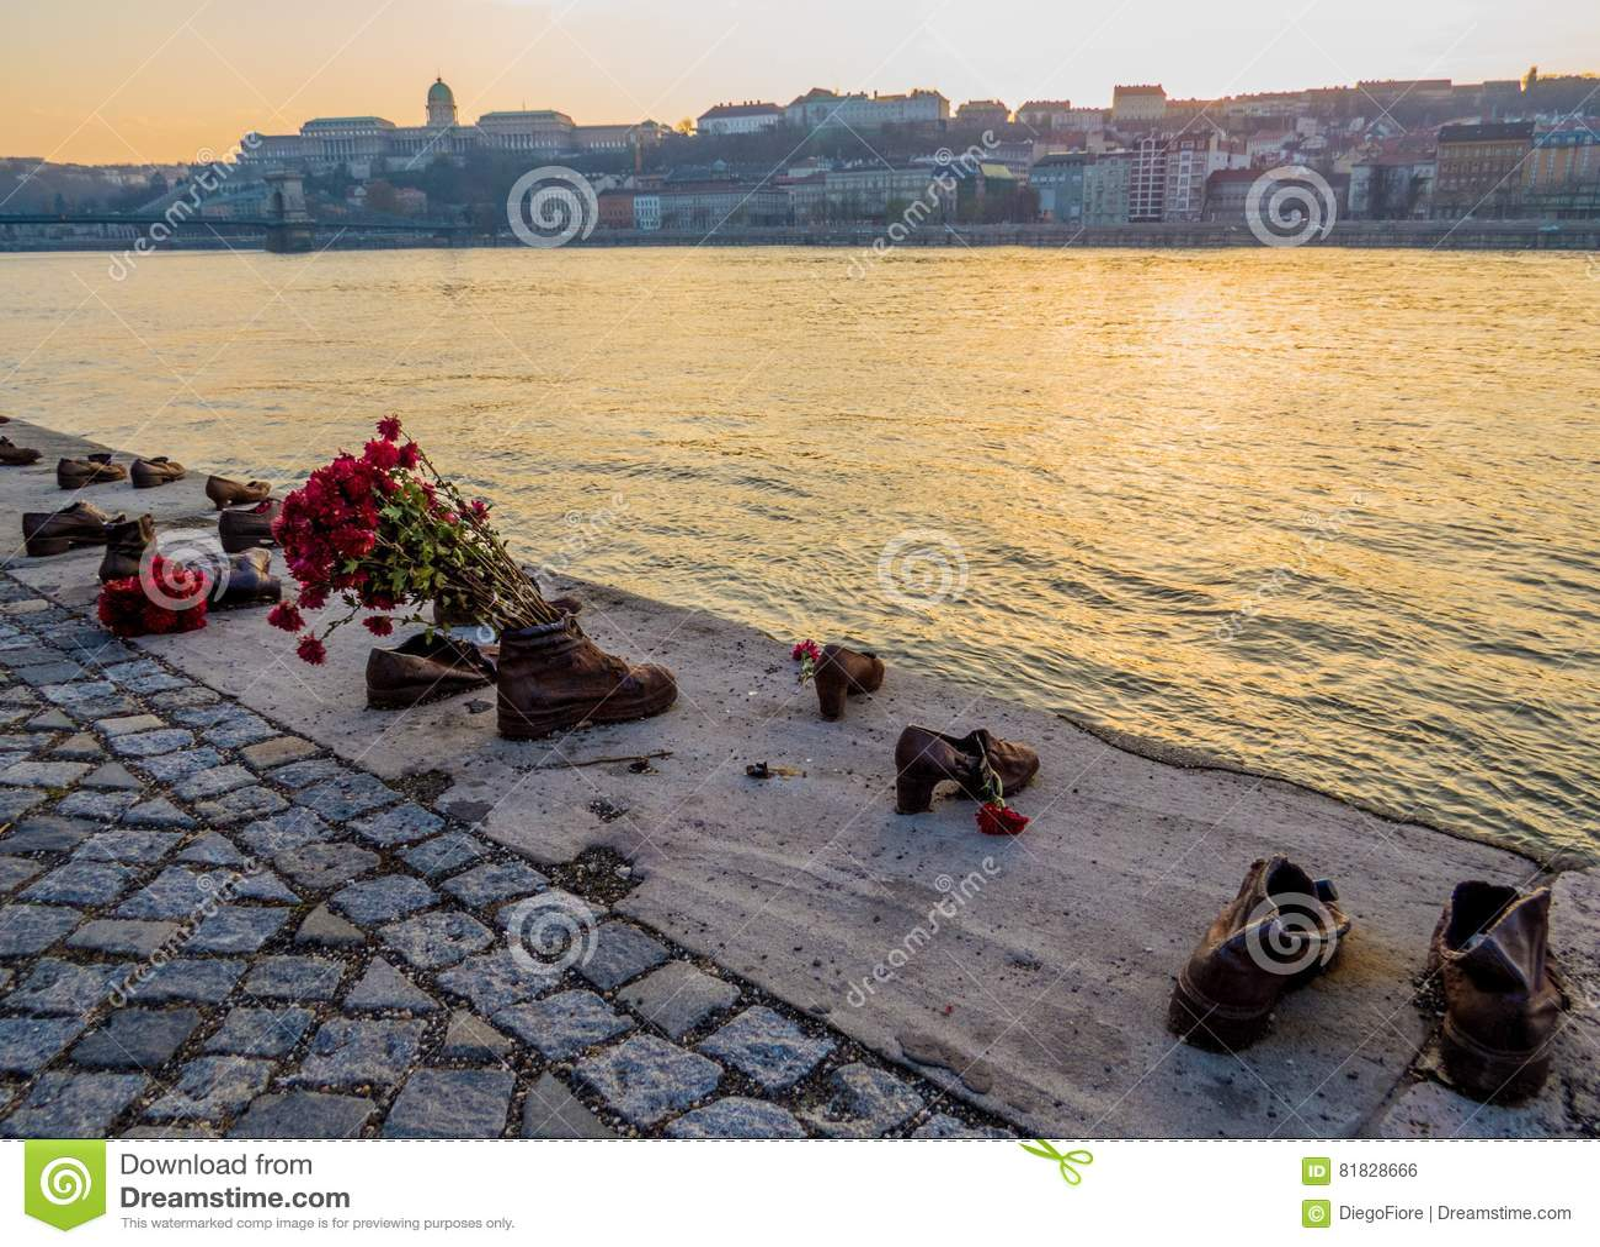 Chaussures sur la banque de Danube, Budapest